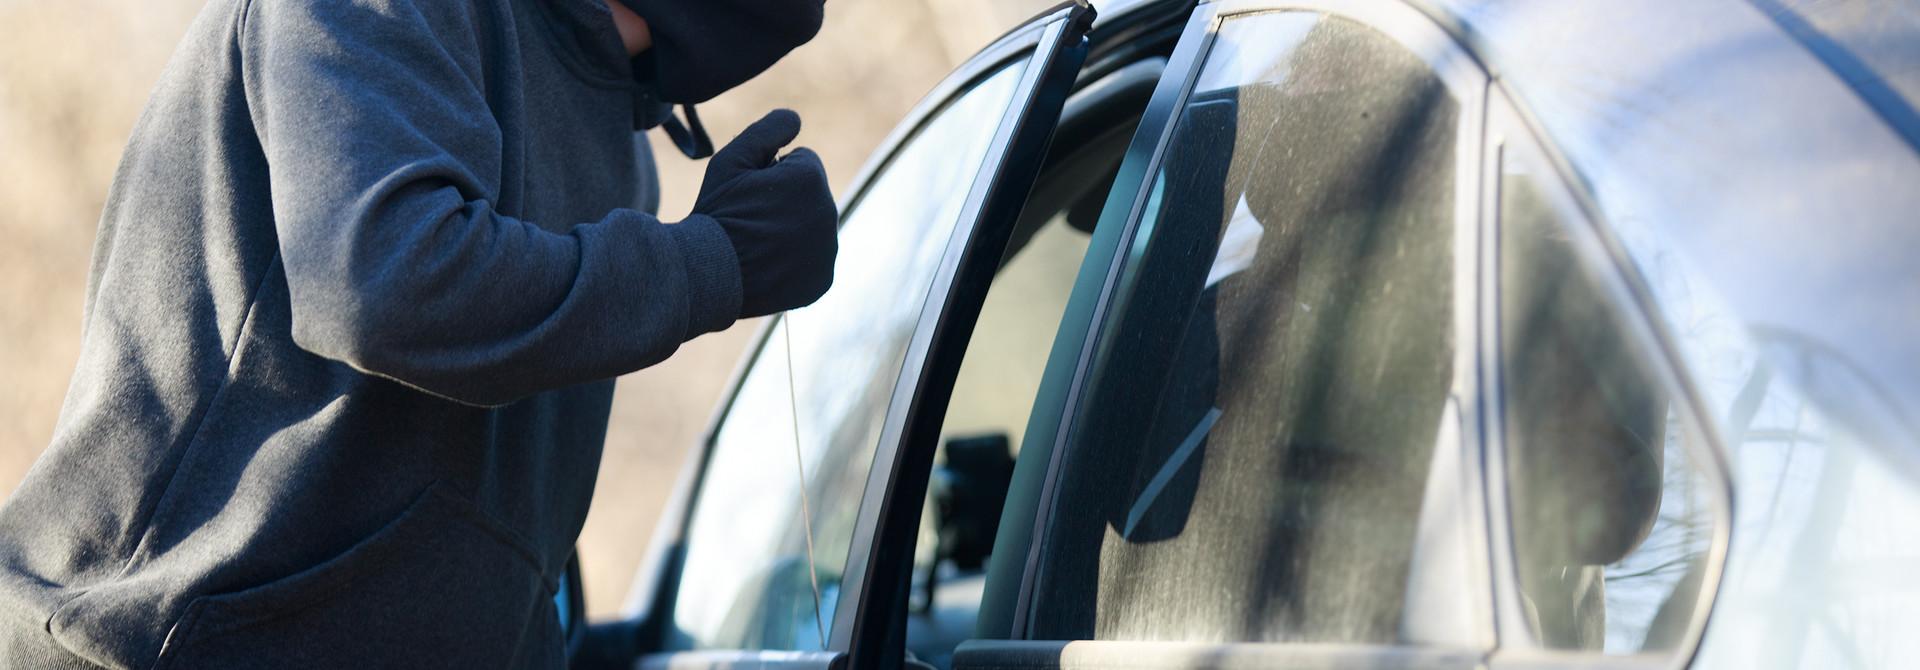 Brabantse dorpen wederom slachtoffer van criminele autobendes